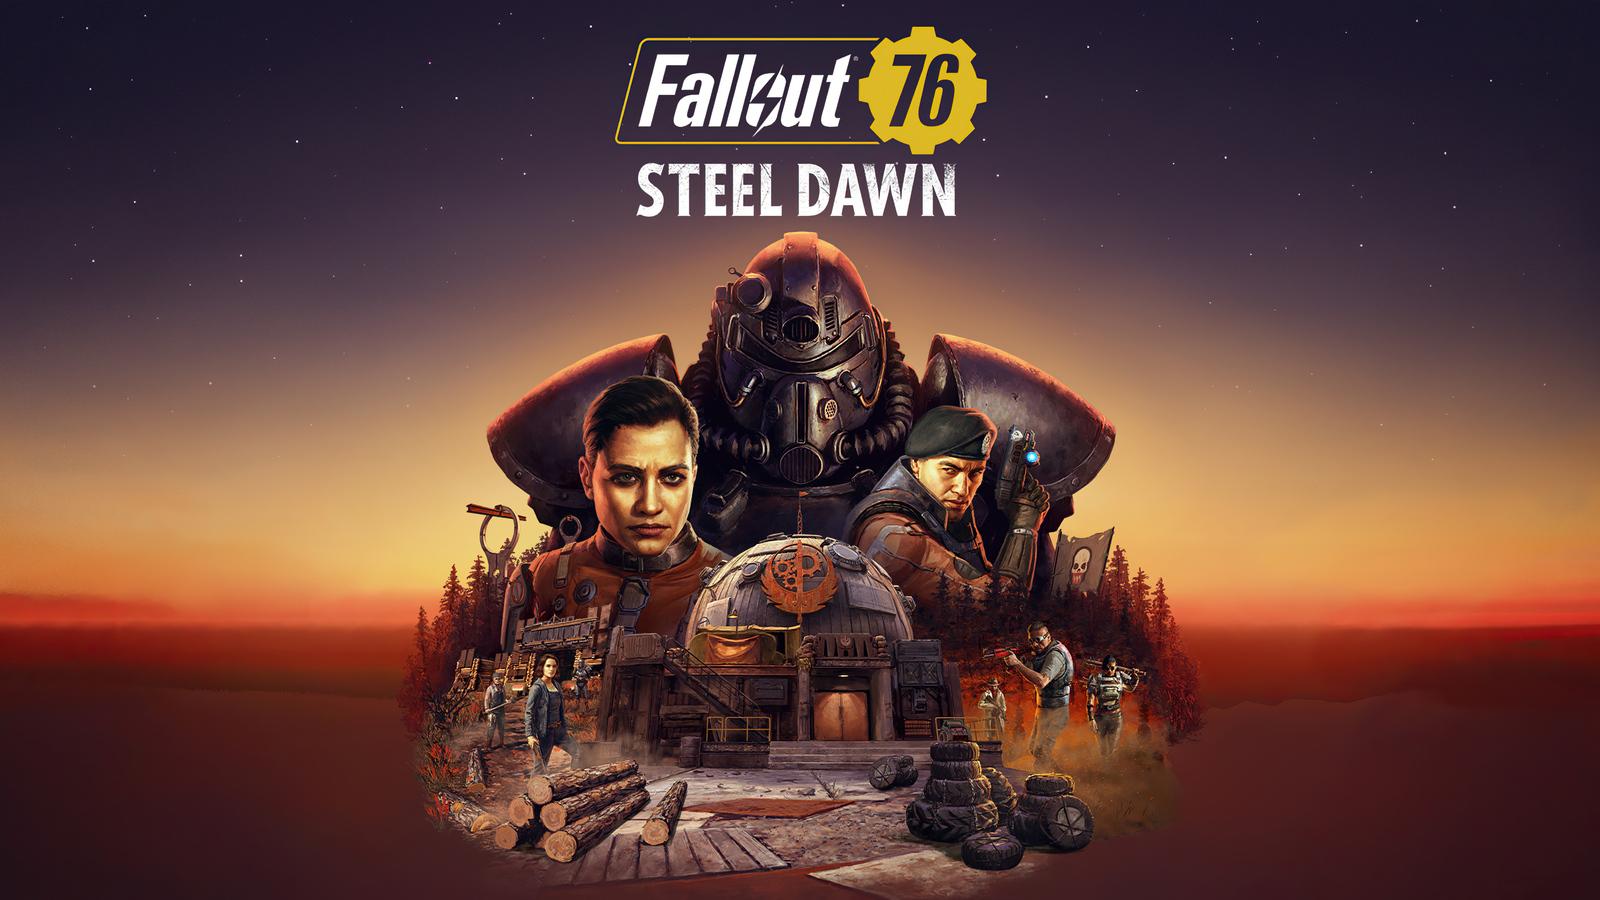 1600x900 Fallout 76 Steel Dawn 4k 1600x900 Resolution HD ...